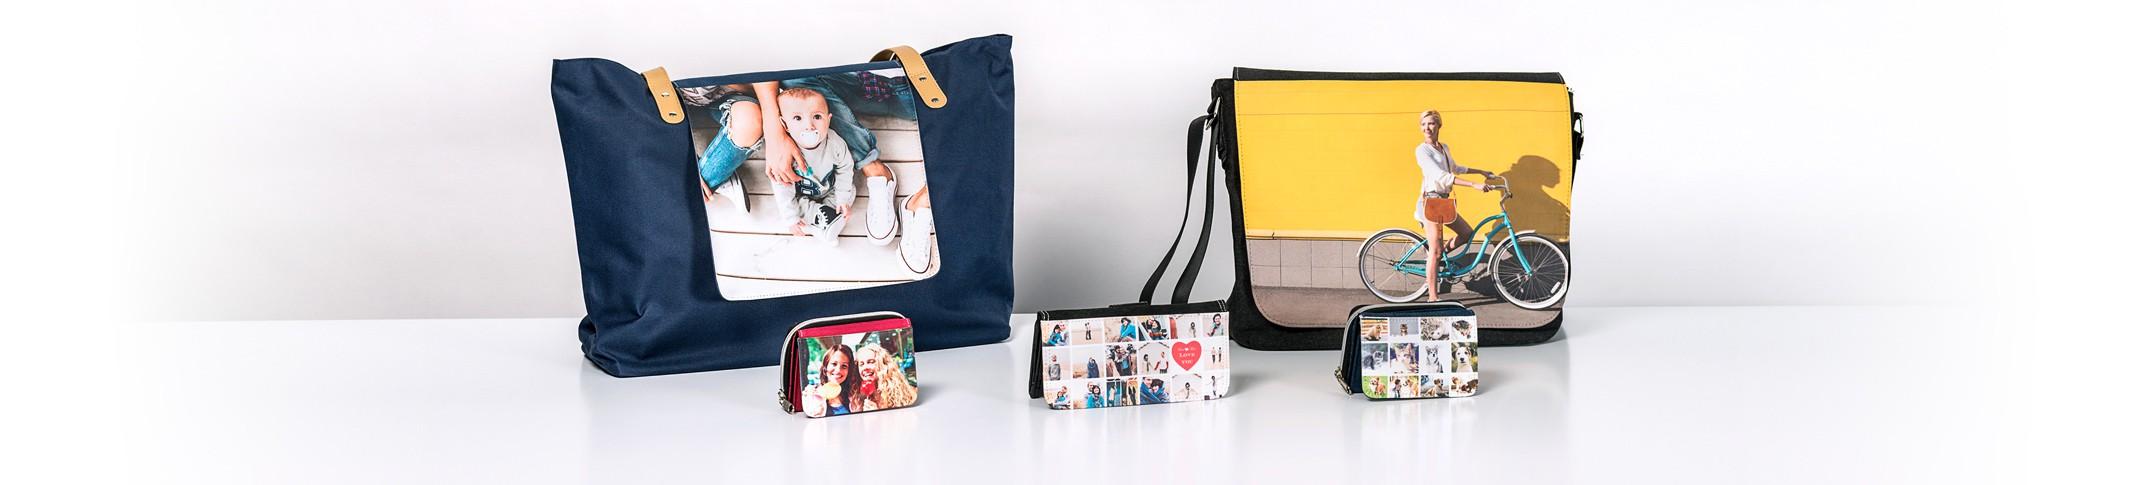 Väskor och Plånböcker - Gör Väskor och Plånböcker med dina egna bilder